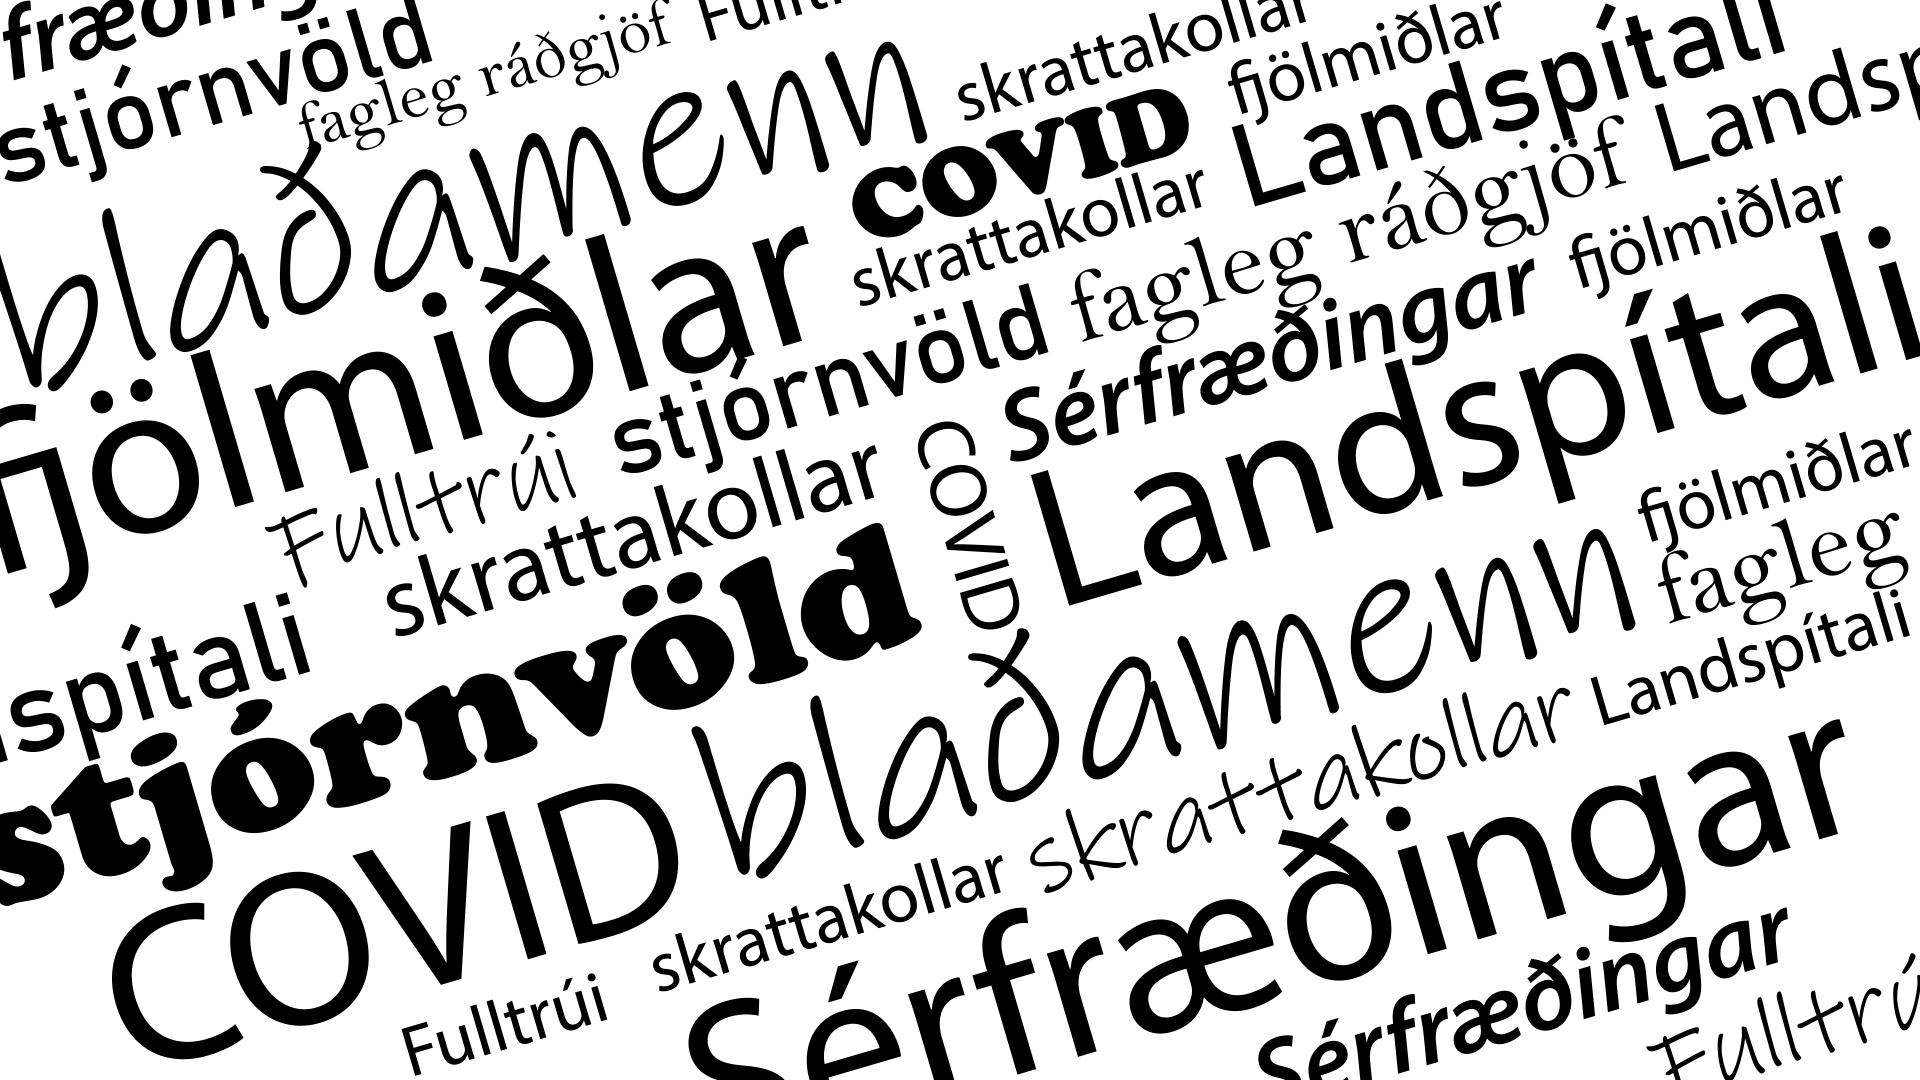 Um miðlun hins opinbera á upplýsingum og málpípuorgelin